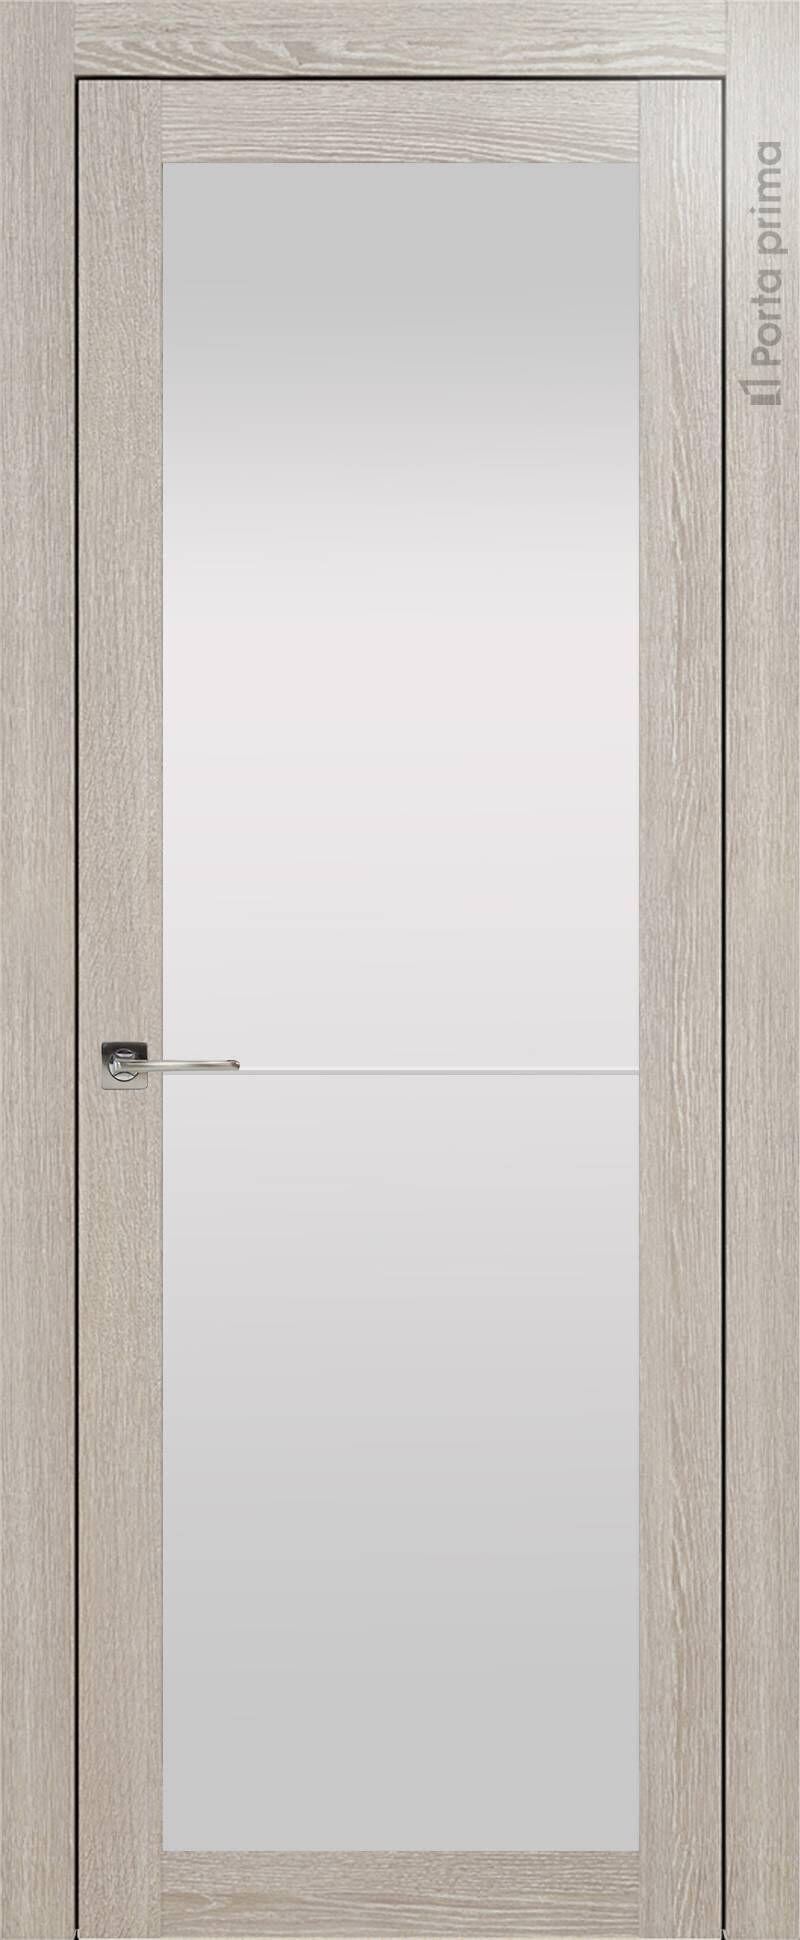 Tivoli З-2 цвет - Серый дуб Со стеклом (ДО)